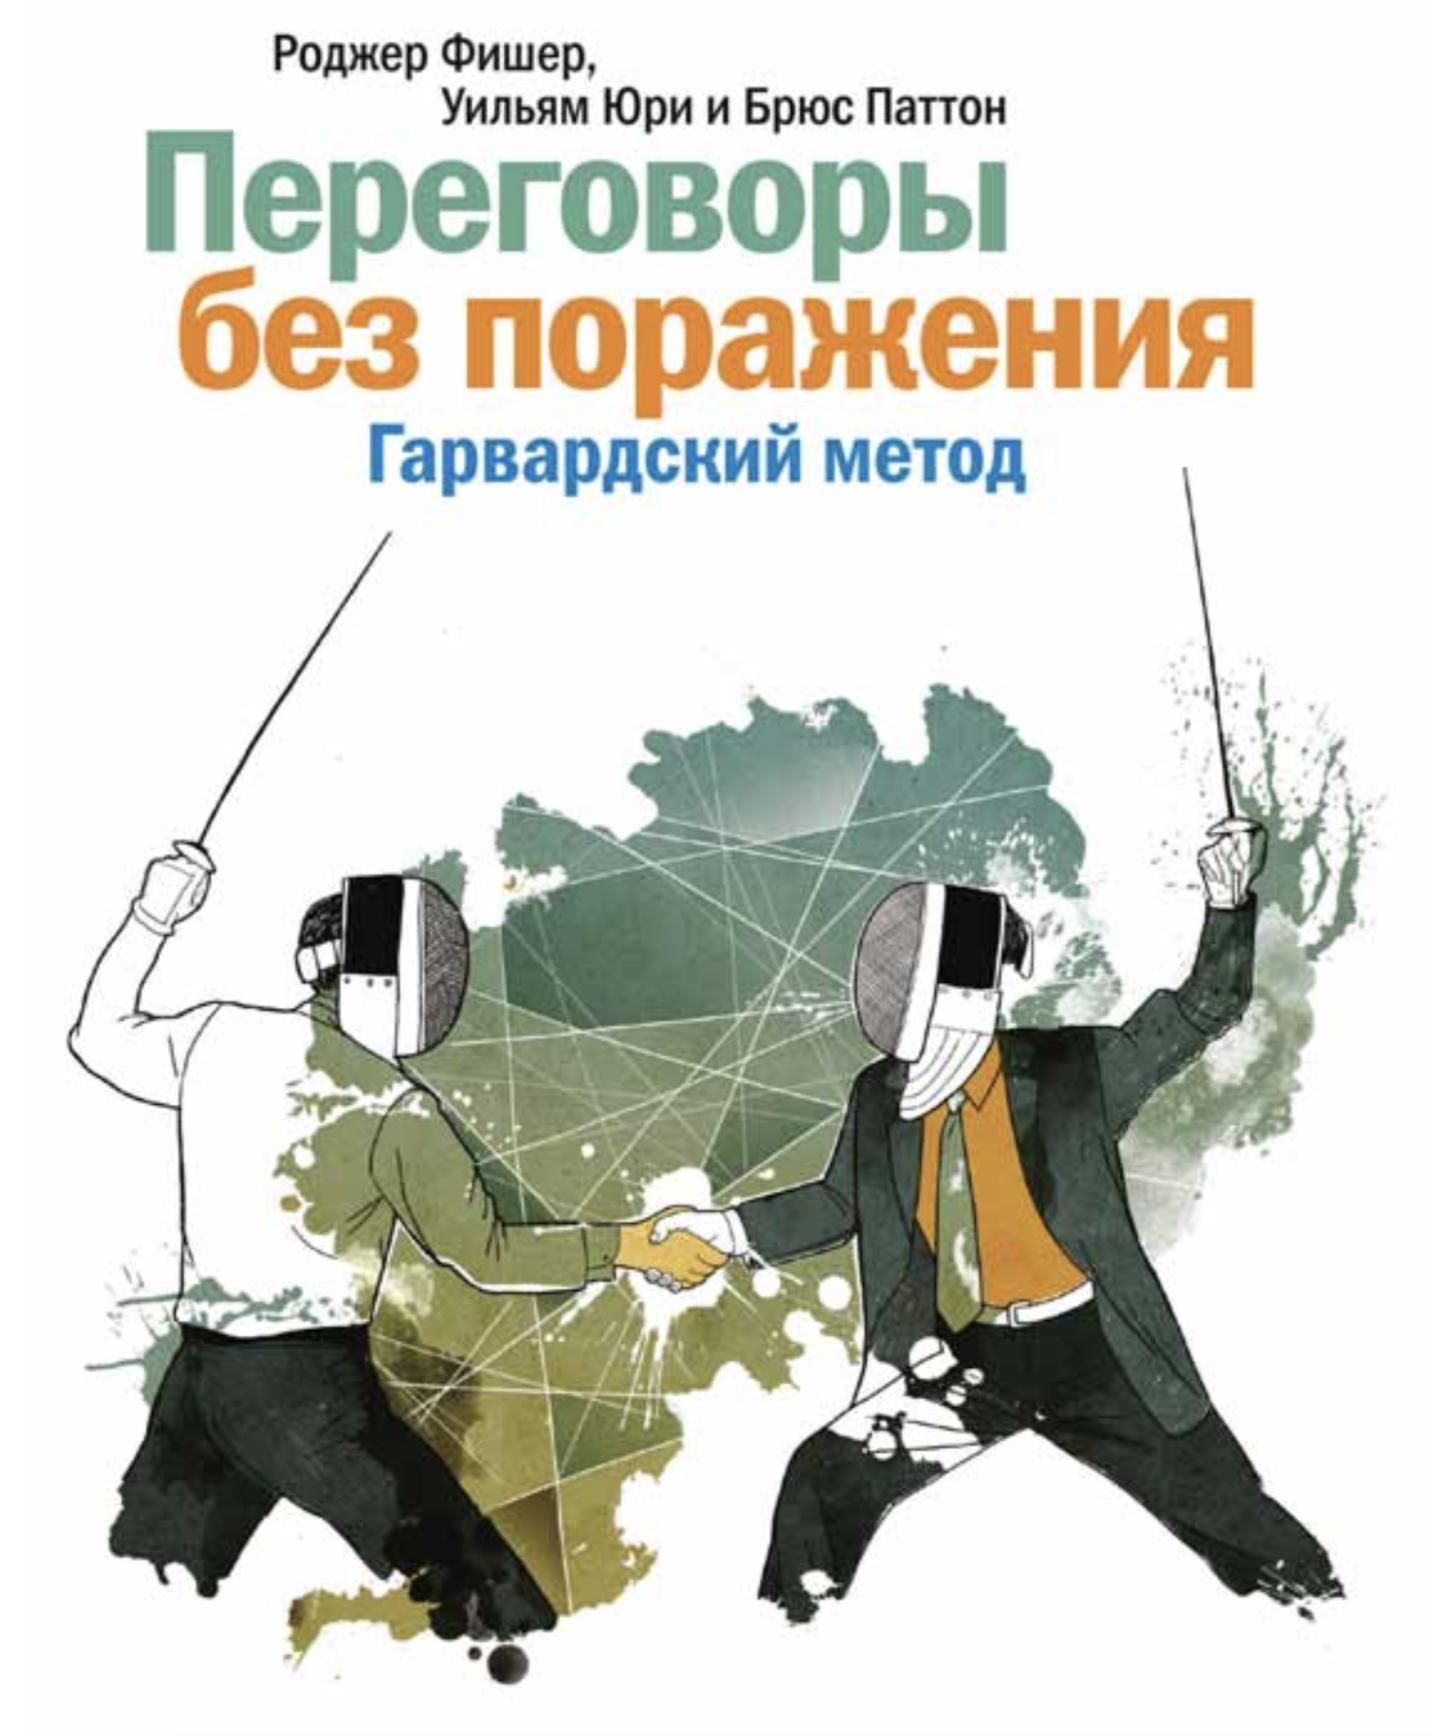 Конспект книги «Переговоры без поражения. Гарвардский метод» - 1